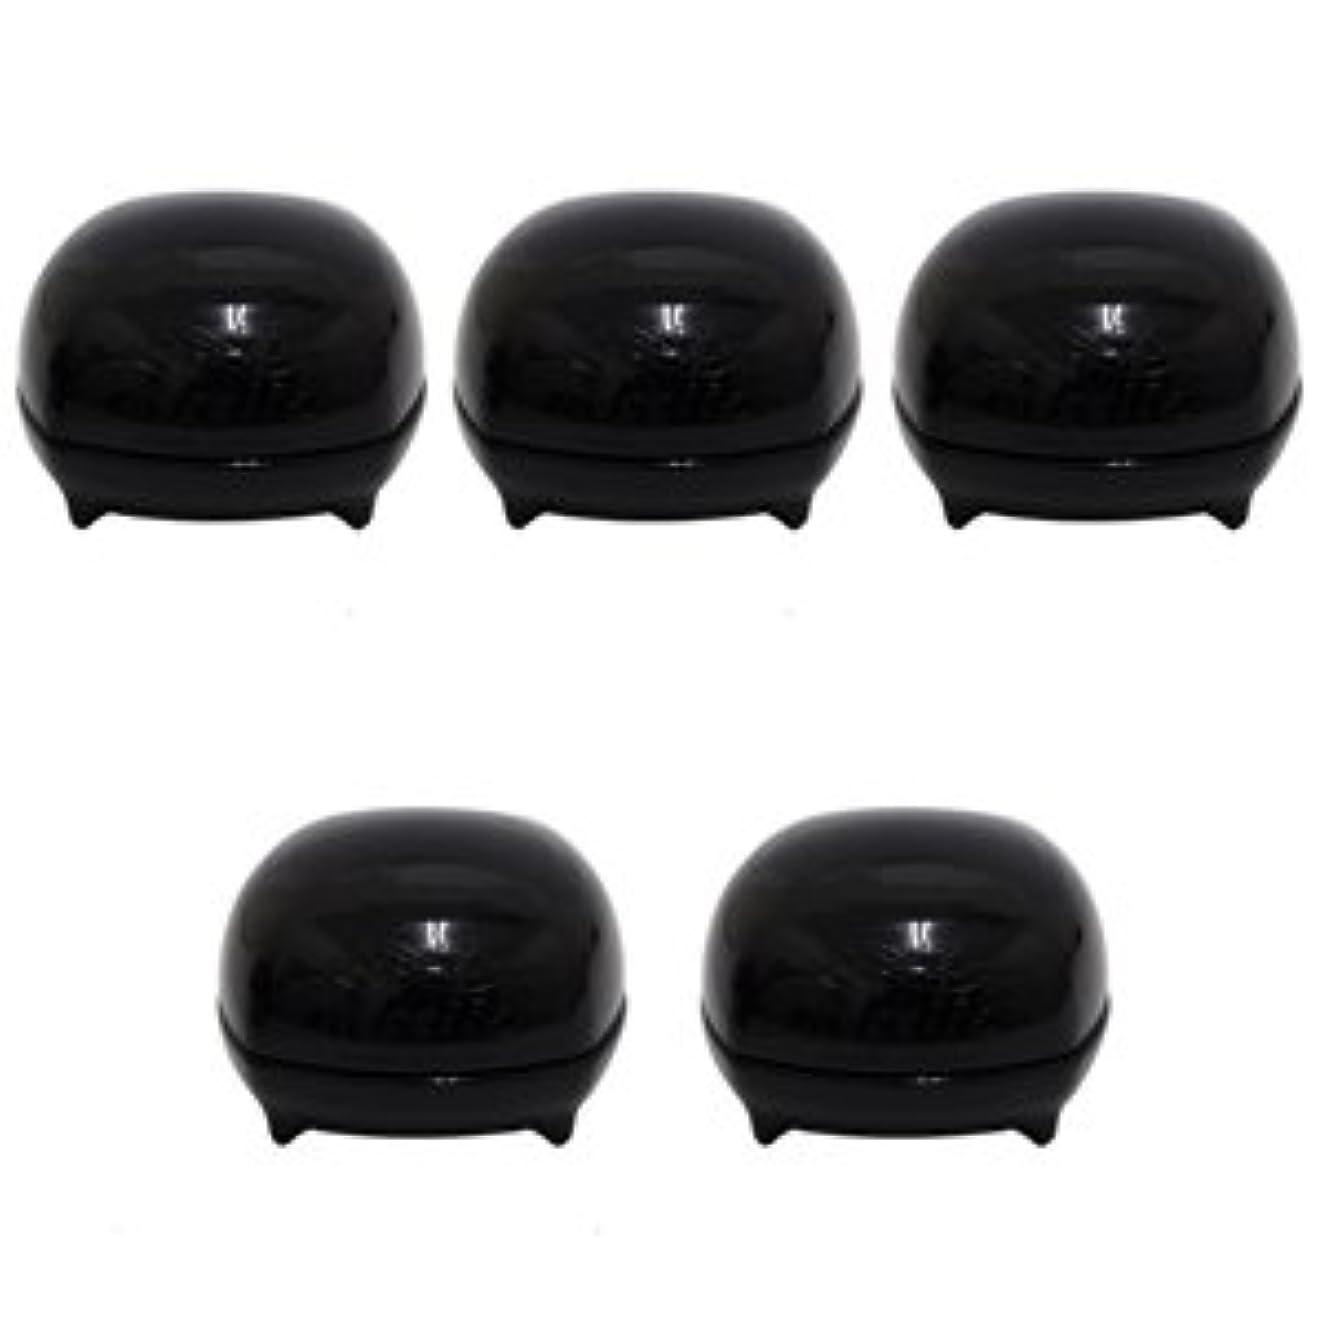 モザイク怒って出口【X5個セット】 ミルボン ニゼル グラスプワックス 30g (ニゼルドレシアコレクション) GRASP WAX MILBON